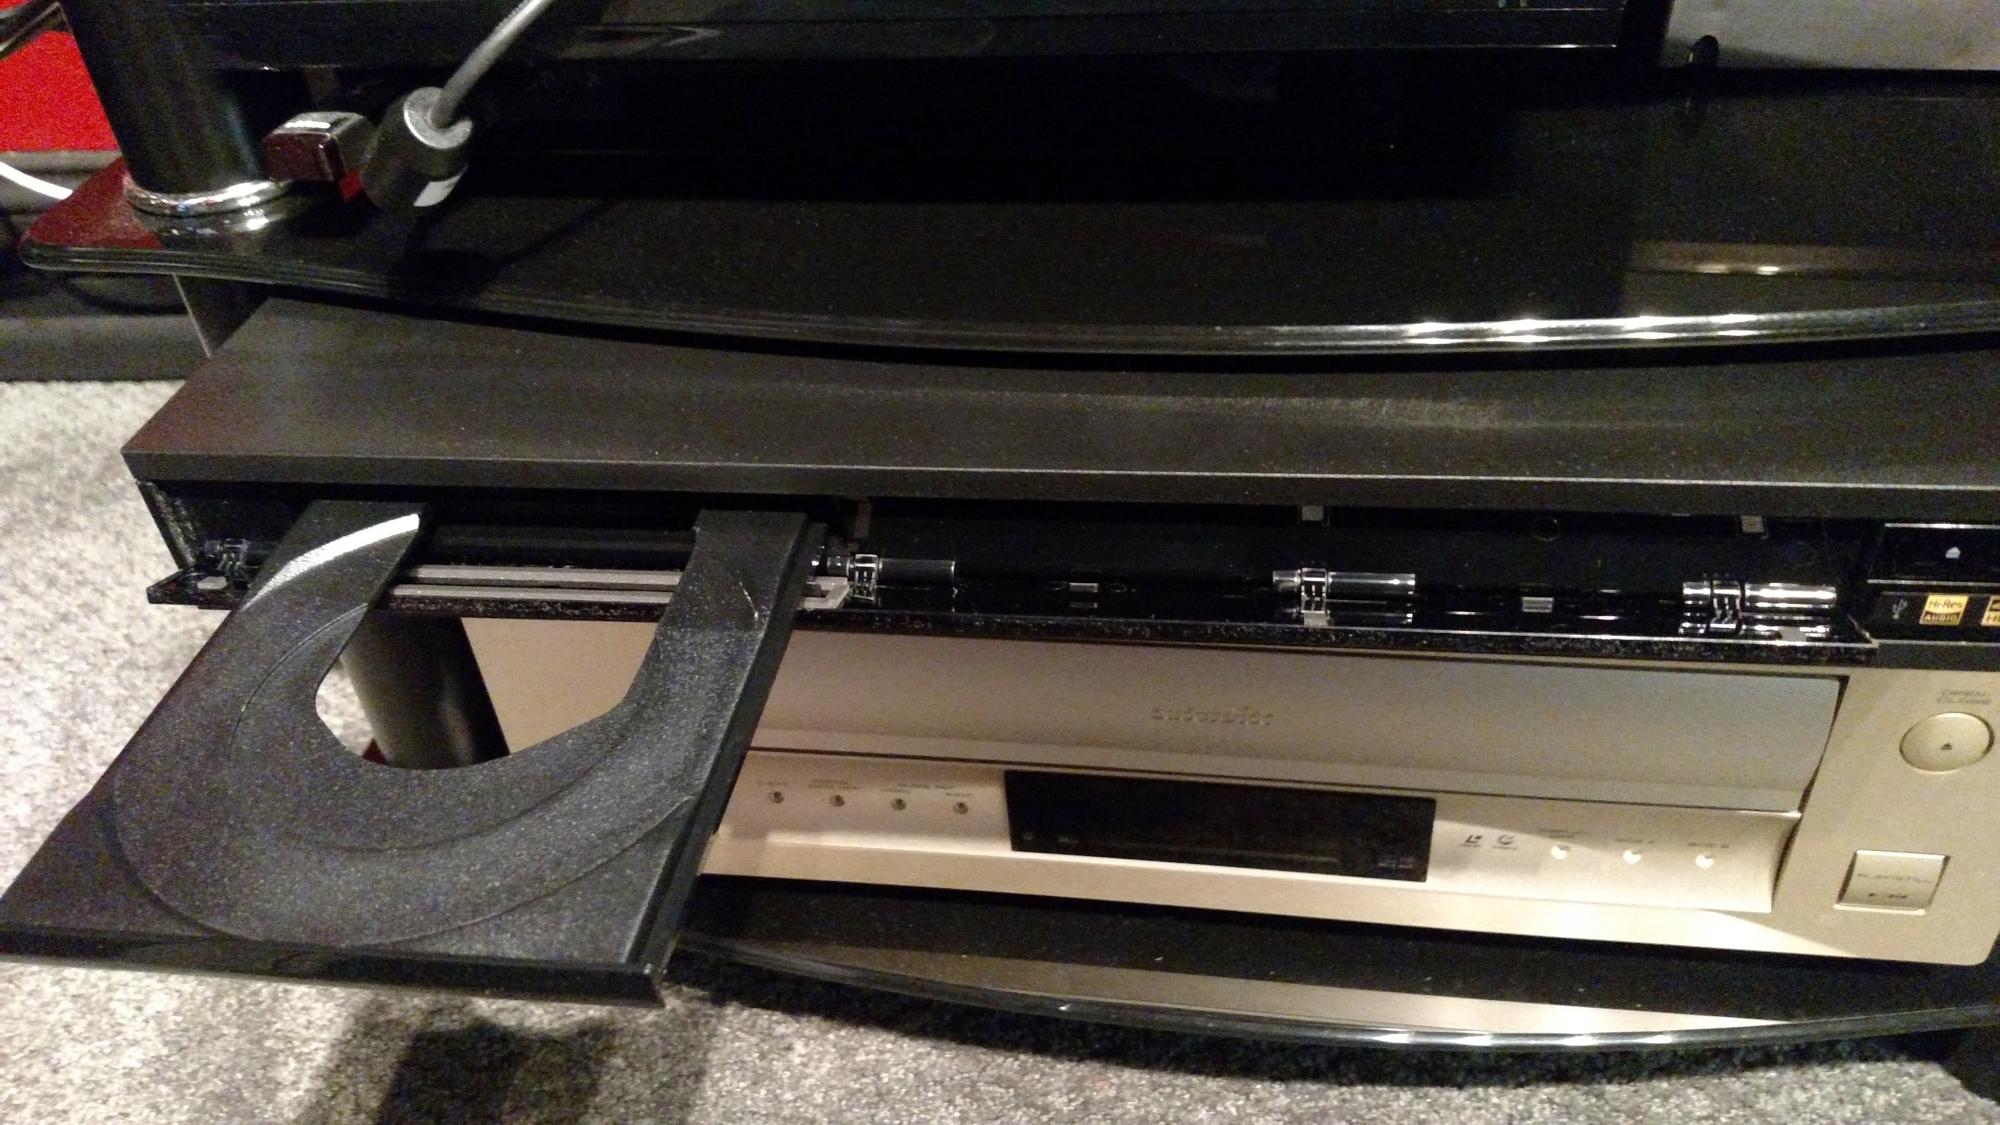 Sony UPB-X800 Disc Tray